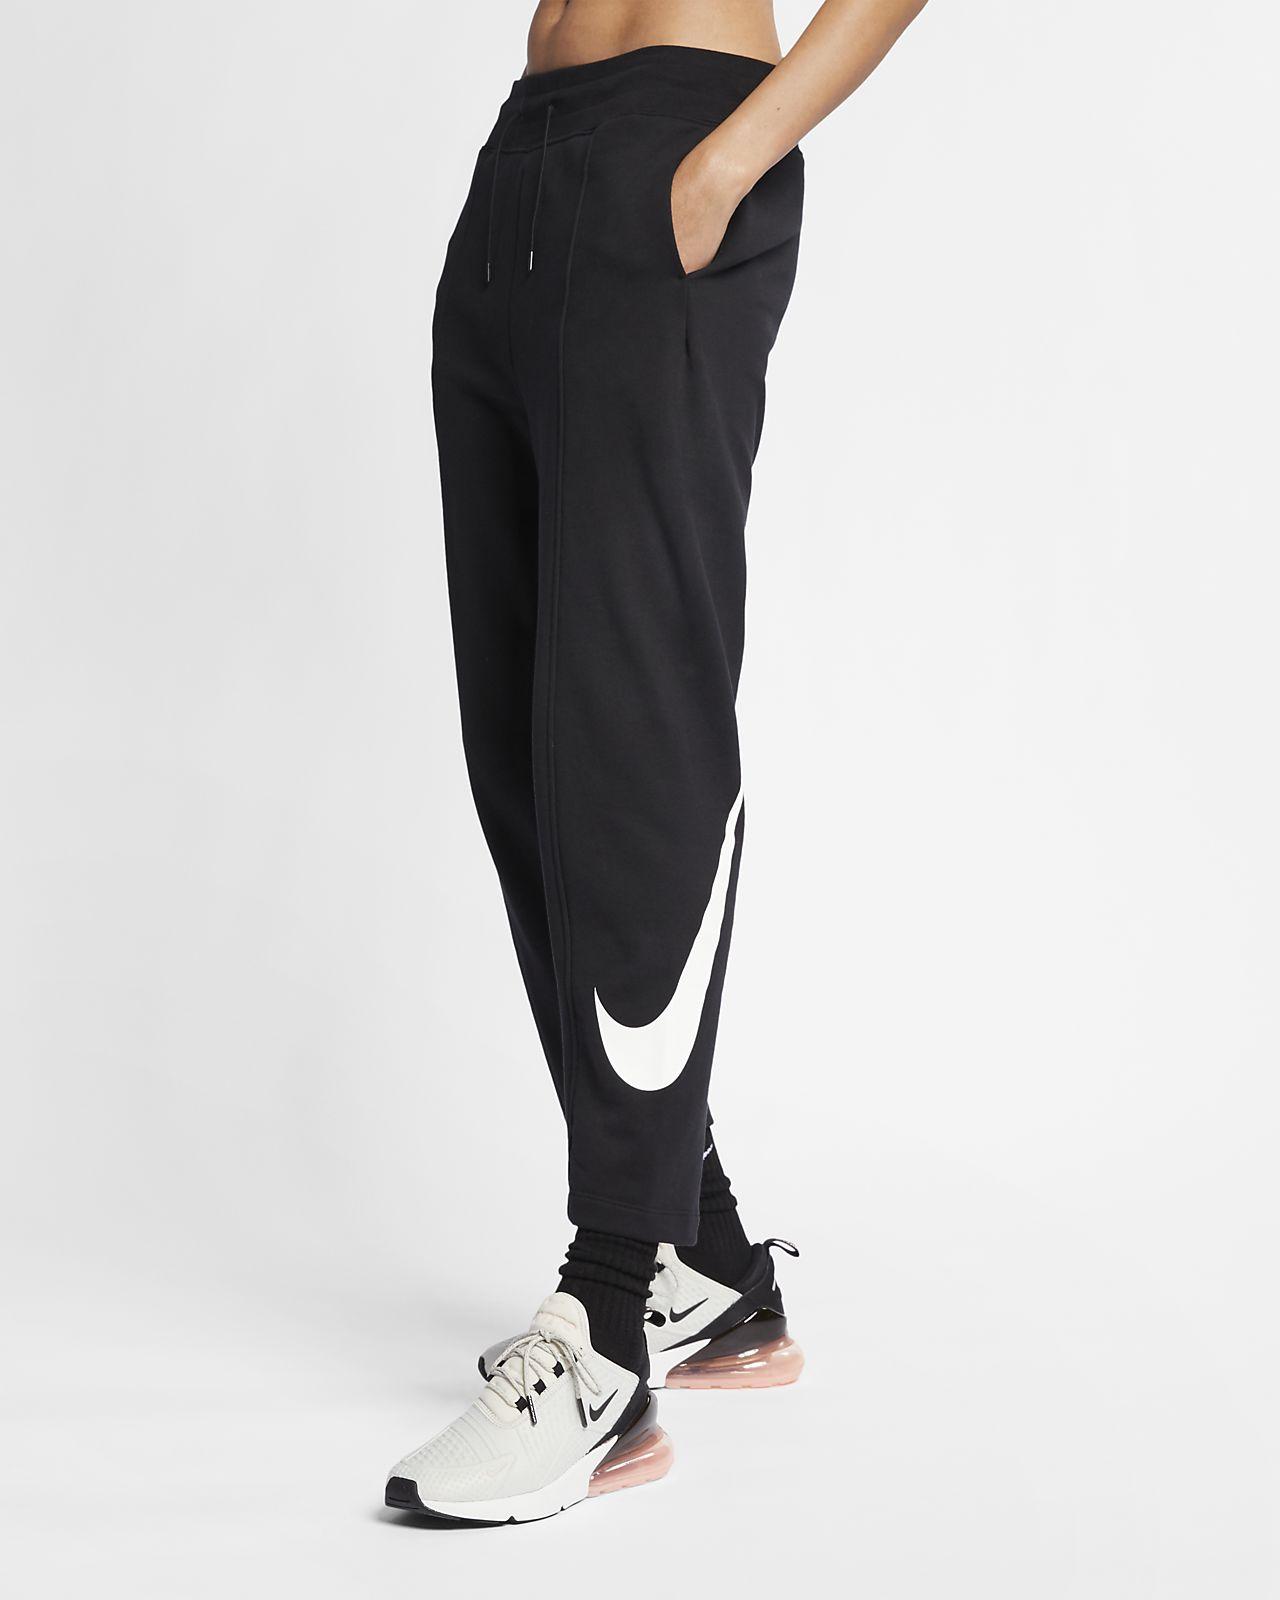 กางเกงผ้าเฟรนช์เทรีผู้หญิง Nike Sportswear Swoosh